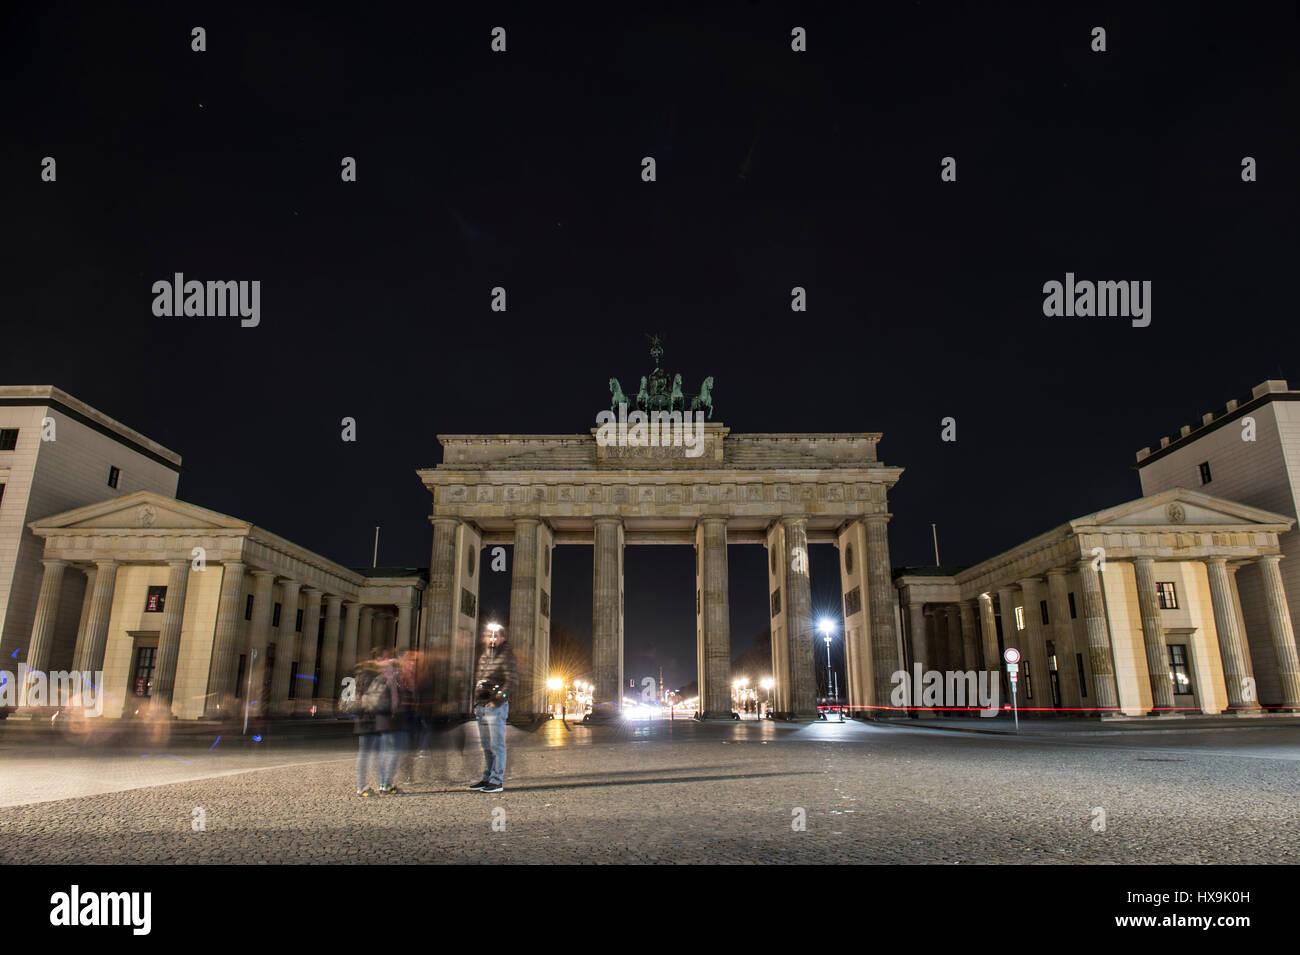 """Berlino, Germania. 25 Mar, 2017. La Porta di Brandeburgo è accesa fino poco prima di """"Earth Hour' a Berlino, Germania, 25 marzo 2017. Foto: Paolo Zinken/dpa/Alamy Live News Foto Stock"""